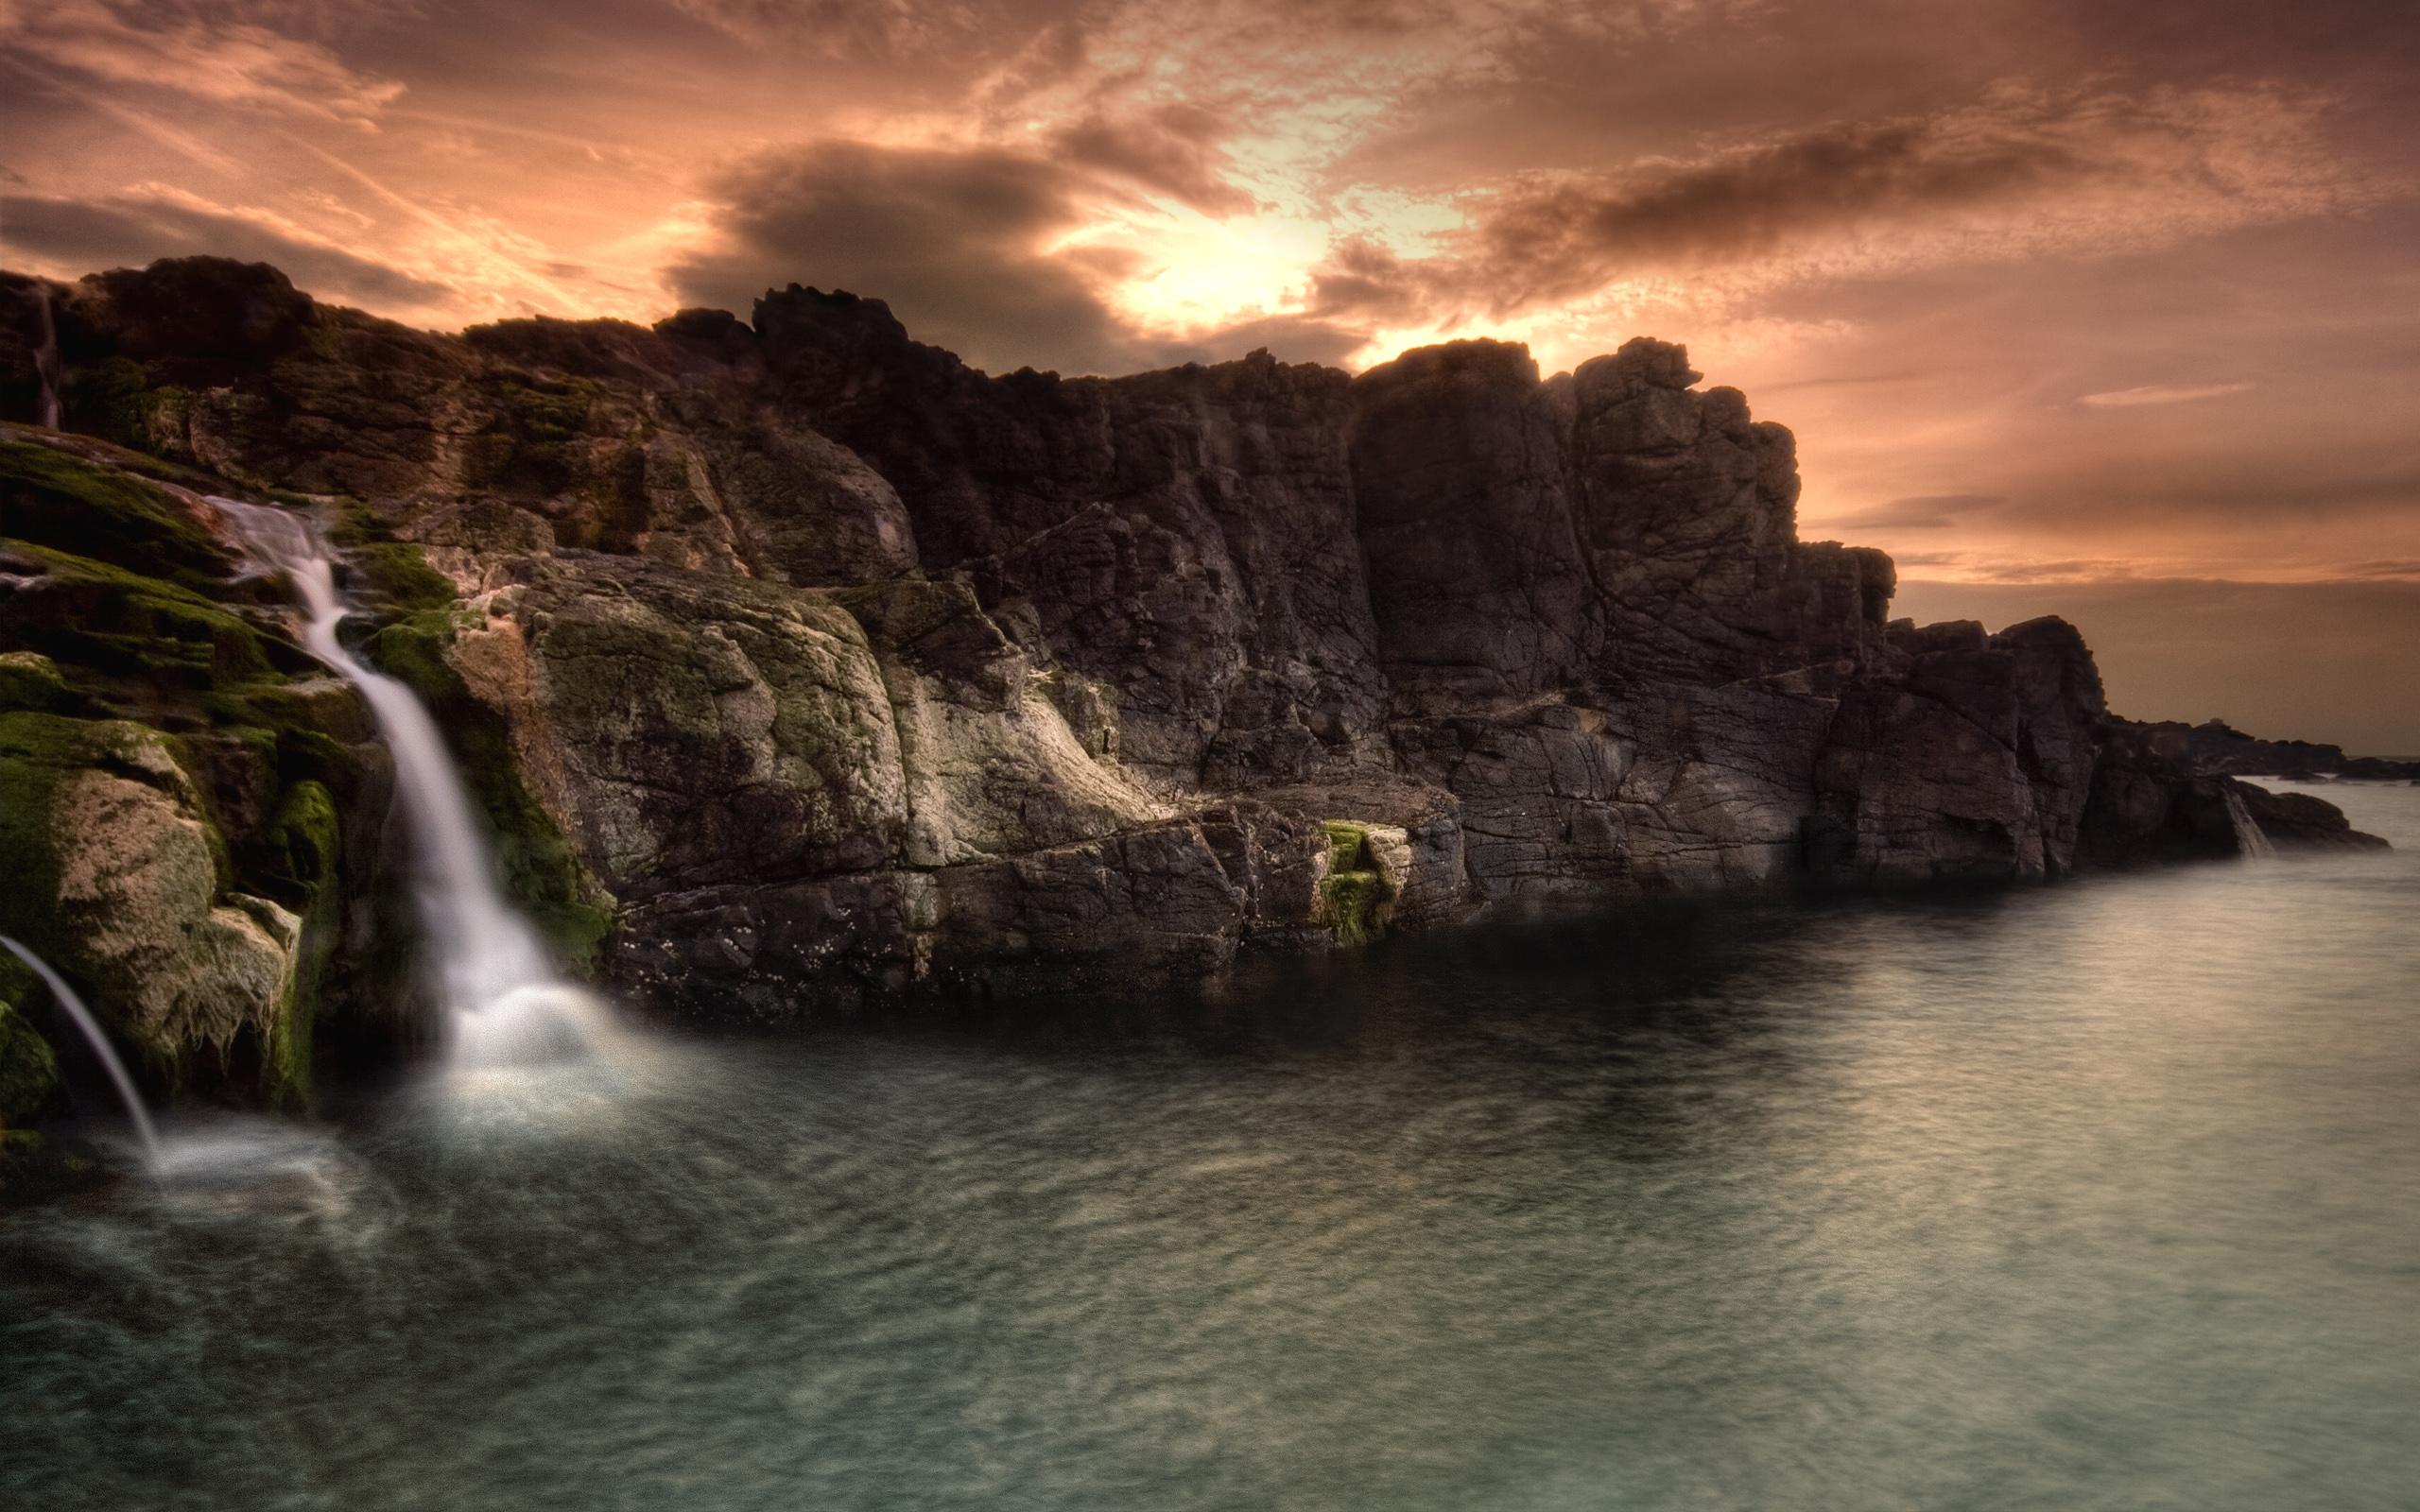 скалы вода  № 1174753 загрузить